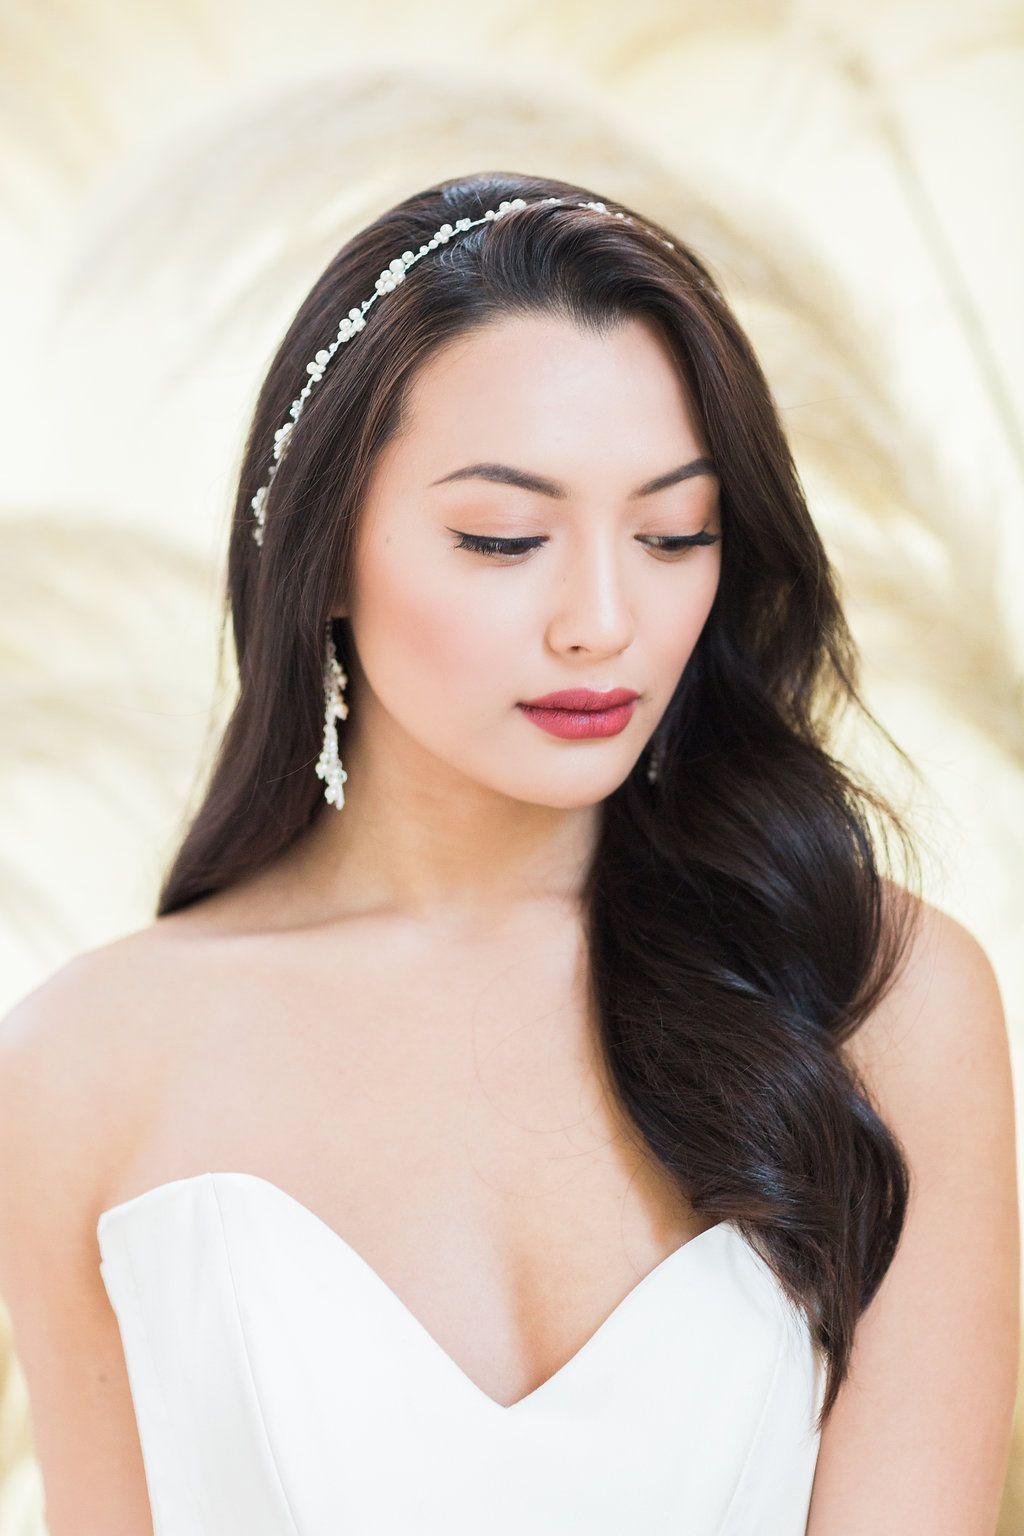 Eira-Hair-Vine-bowtieandbellephotography